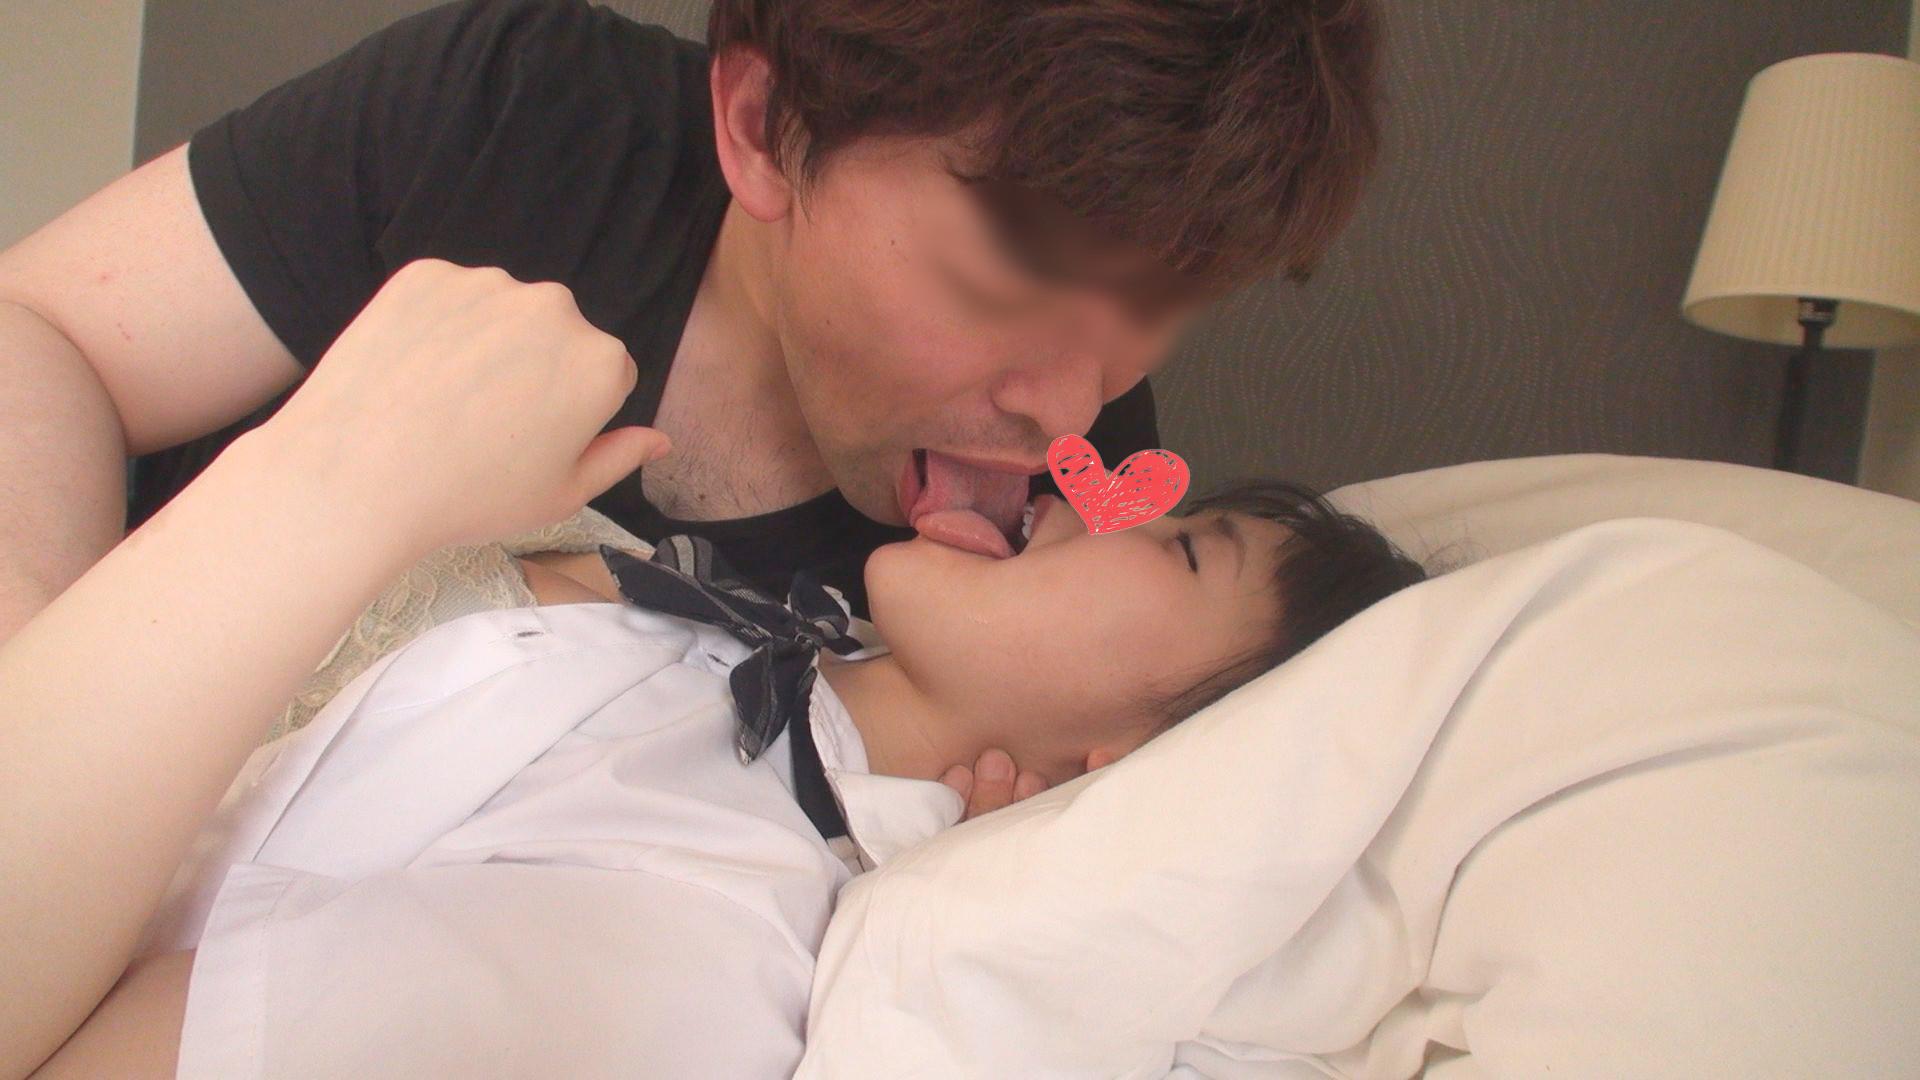 【個人撮影】「オジサンはアナルとか舐めてくれるから好き」まきちゃん【どちらかというとアウト】